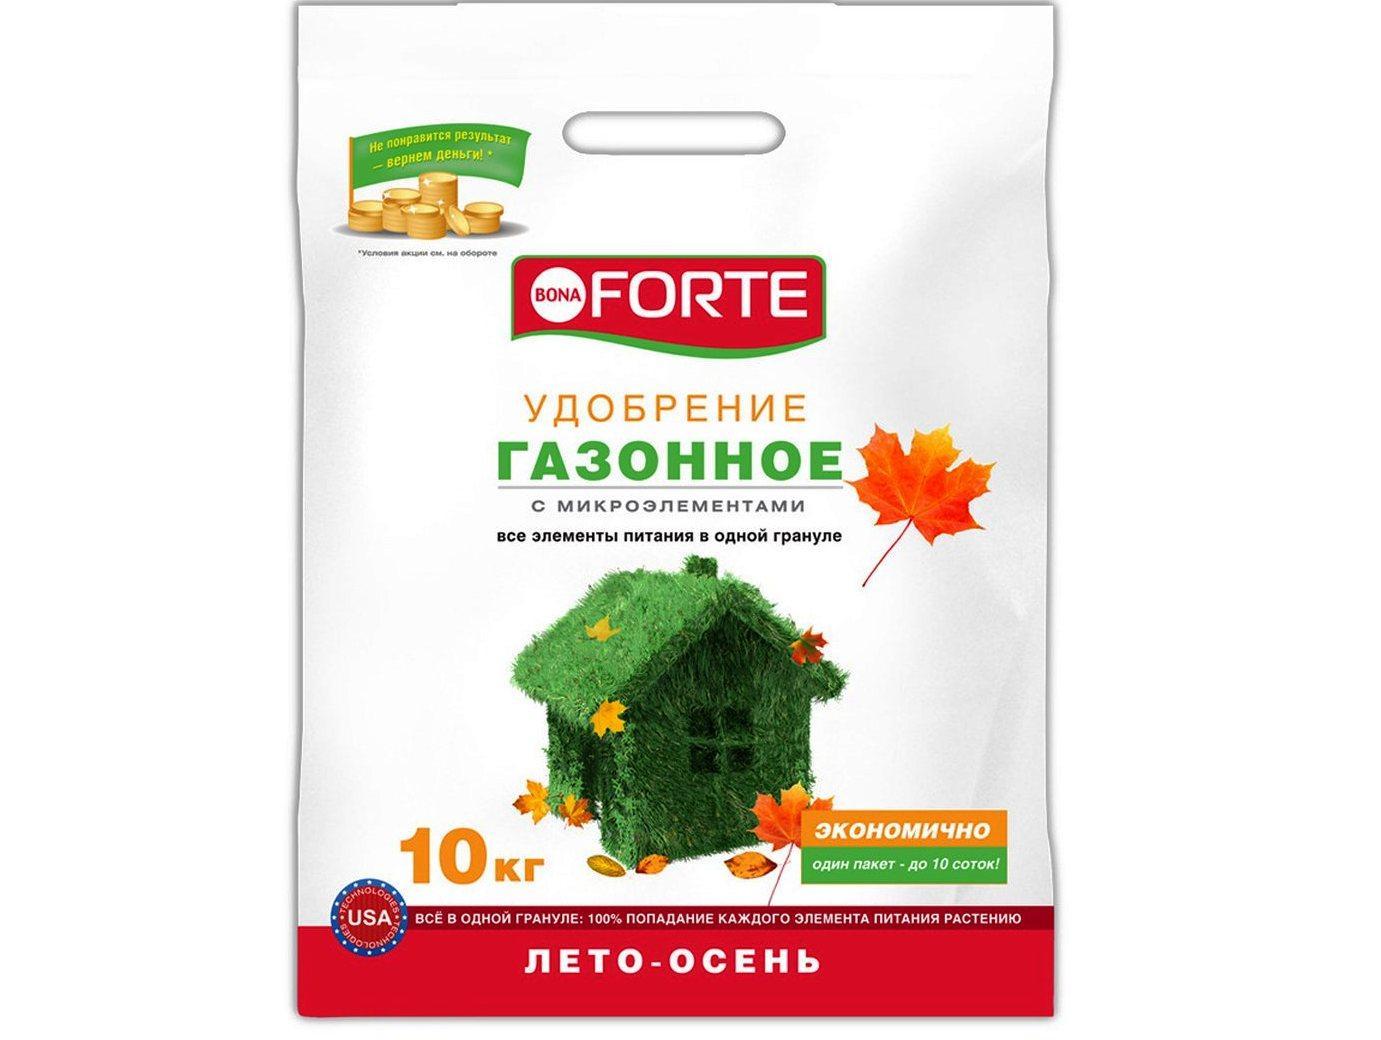 Бона Форте Газонное (осень) смеш. удобрение 10 кг